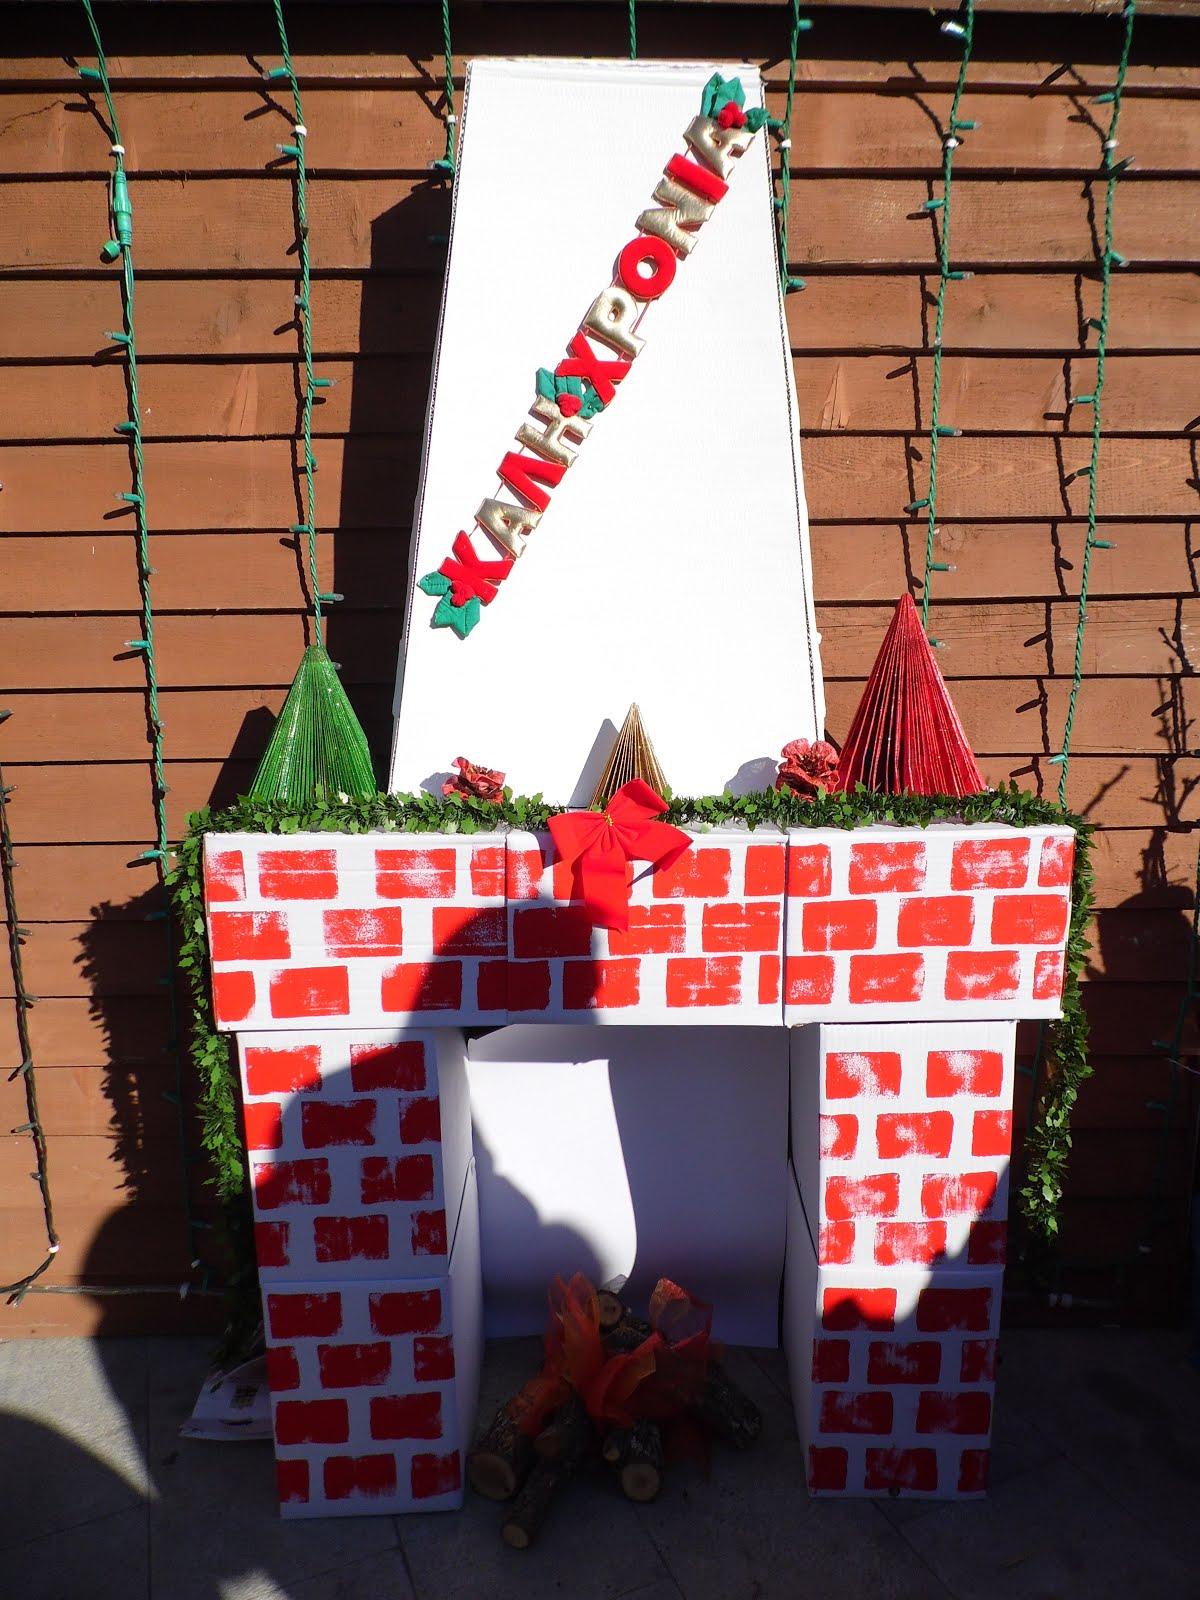 εύκολες χριστουγεννιάτικες κατασκευές ...για όλους